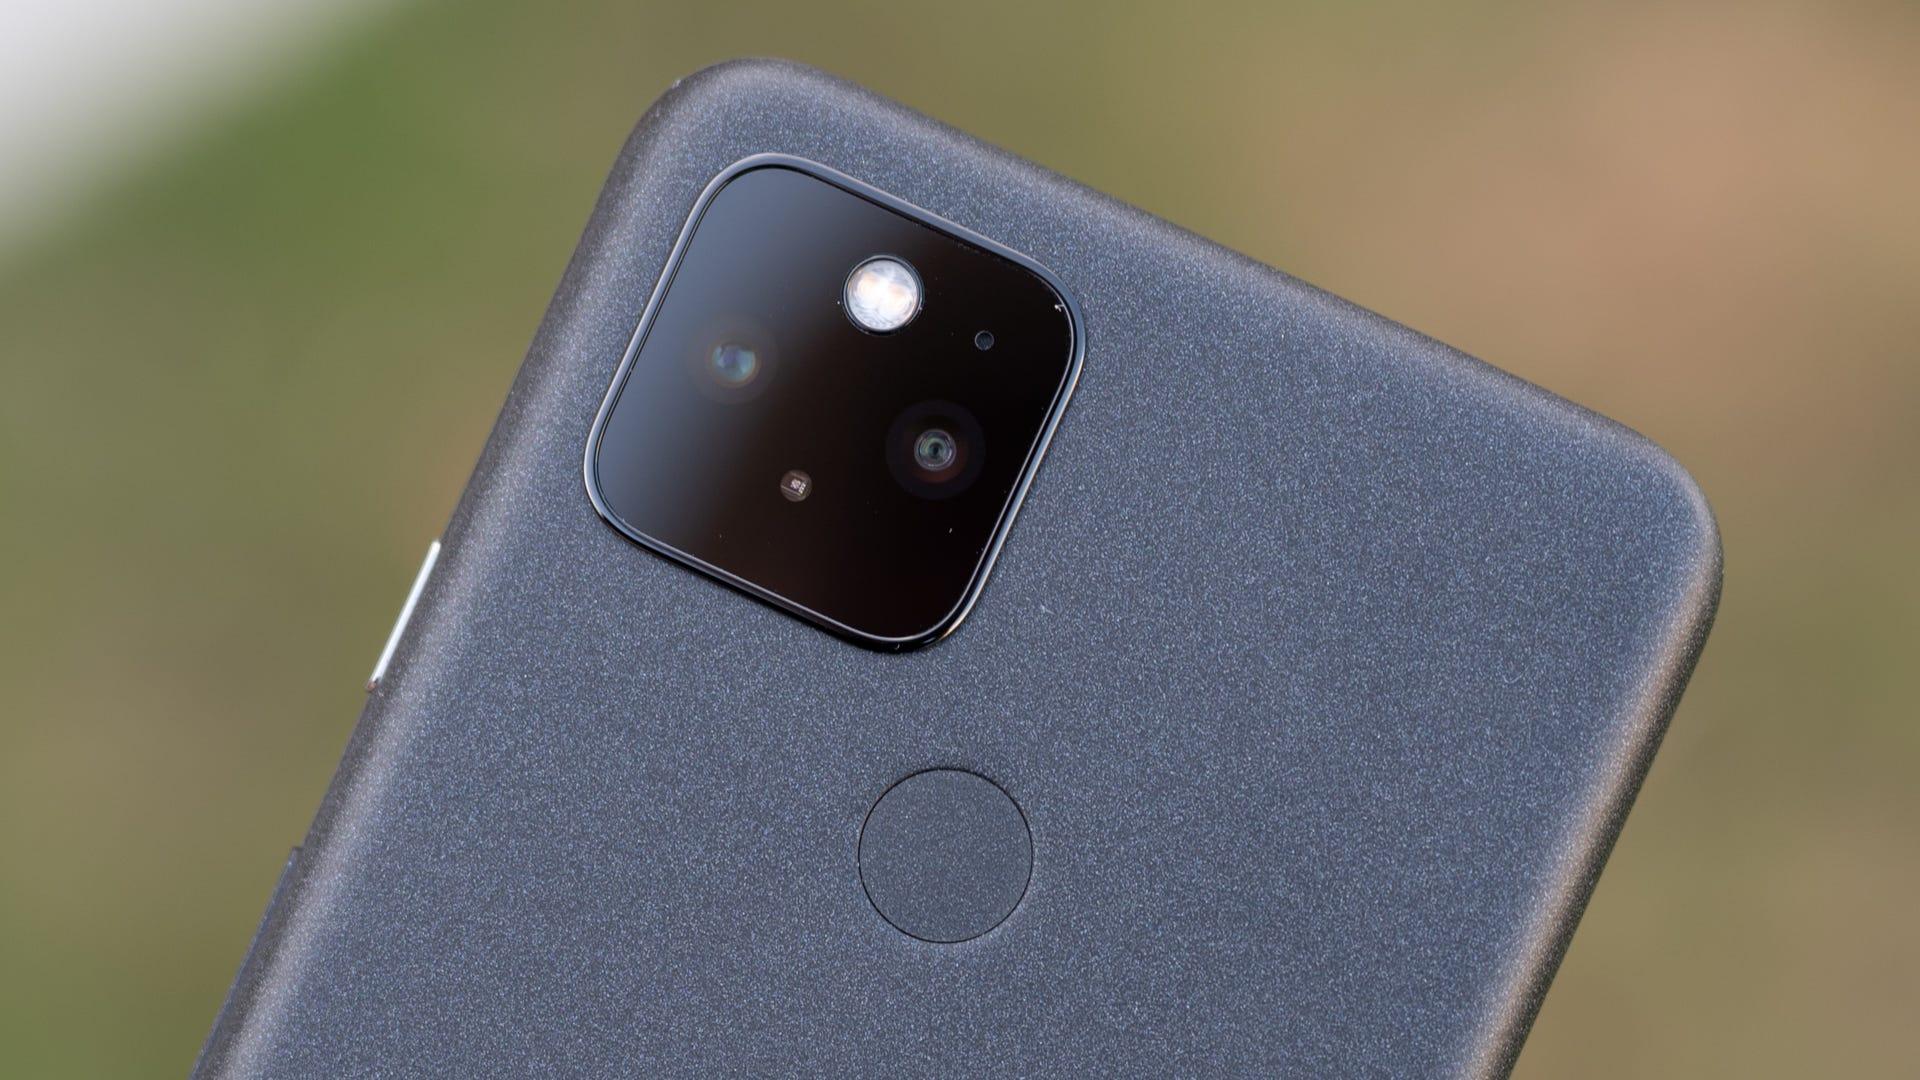 The black Pixel 5's camera and rear fingerprint sensor